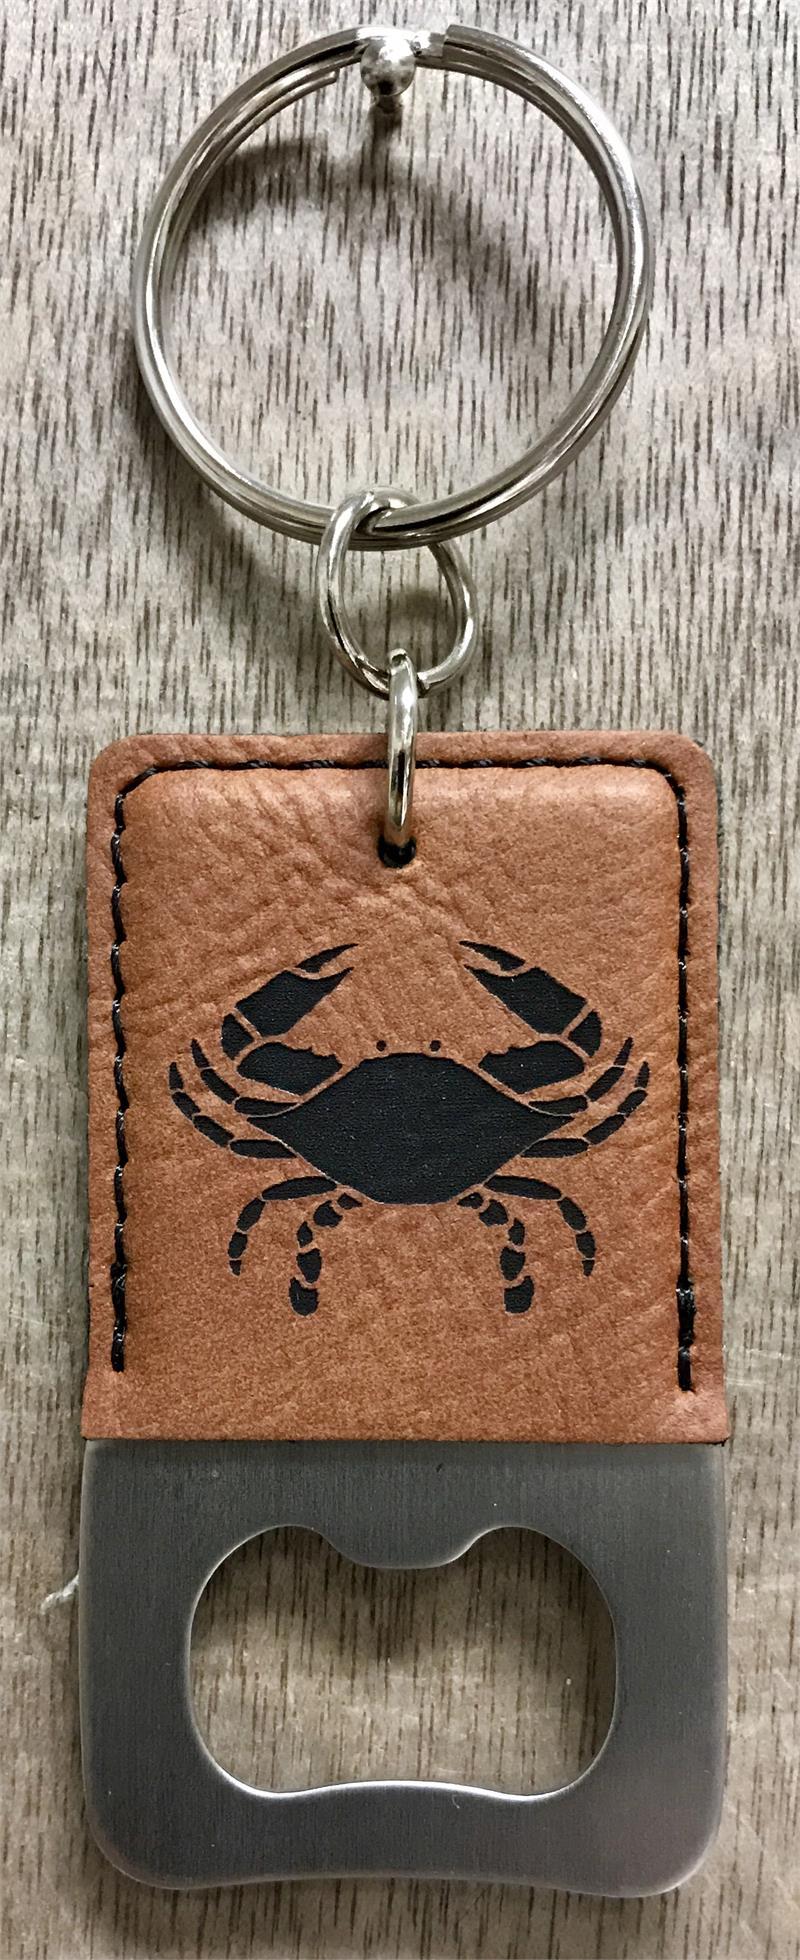 crab leather bottle opener key chains. Black Bedroom Furniture Sets. Home Design Ideas